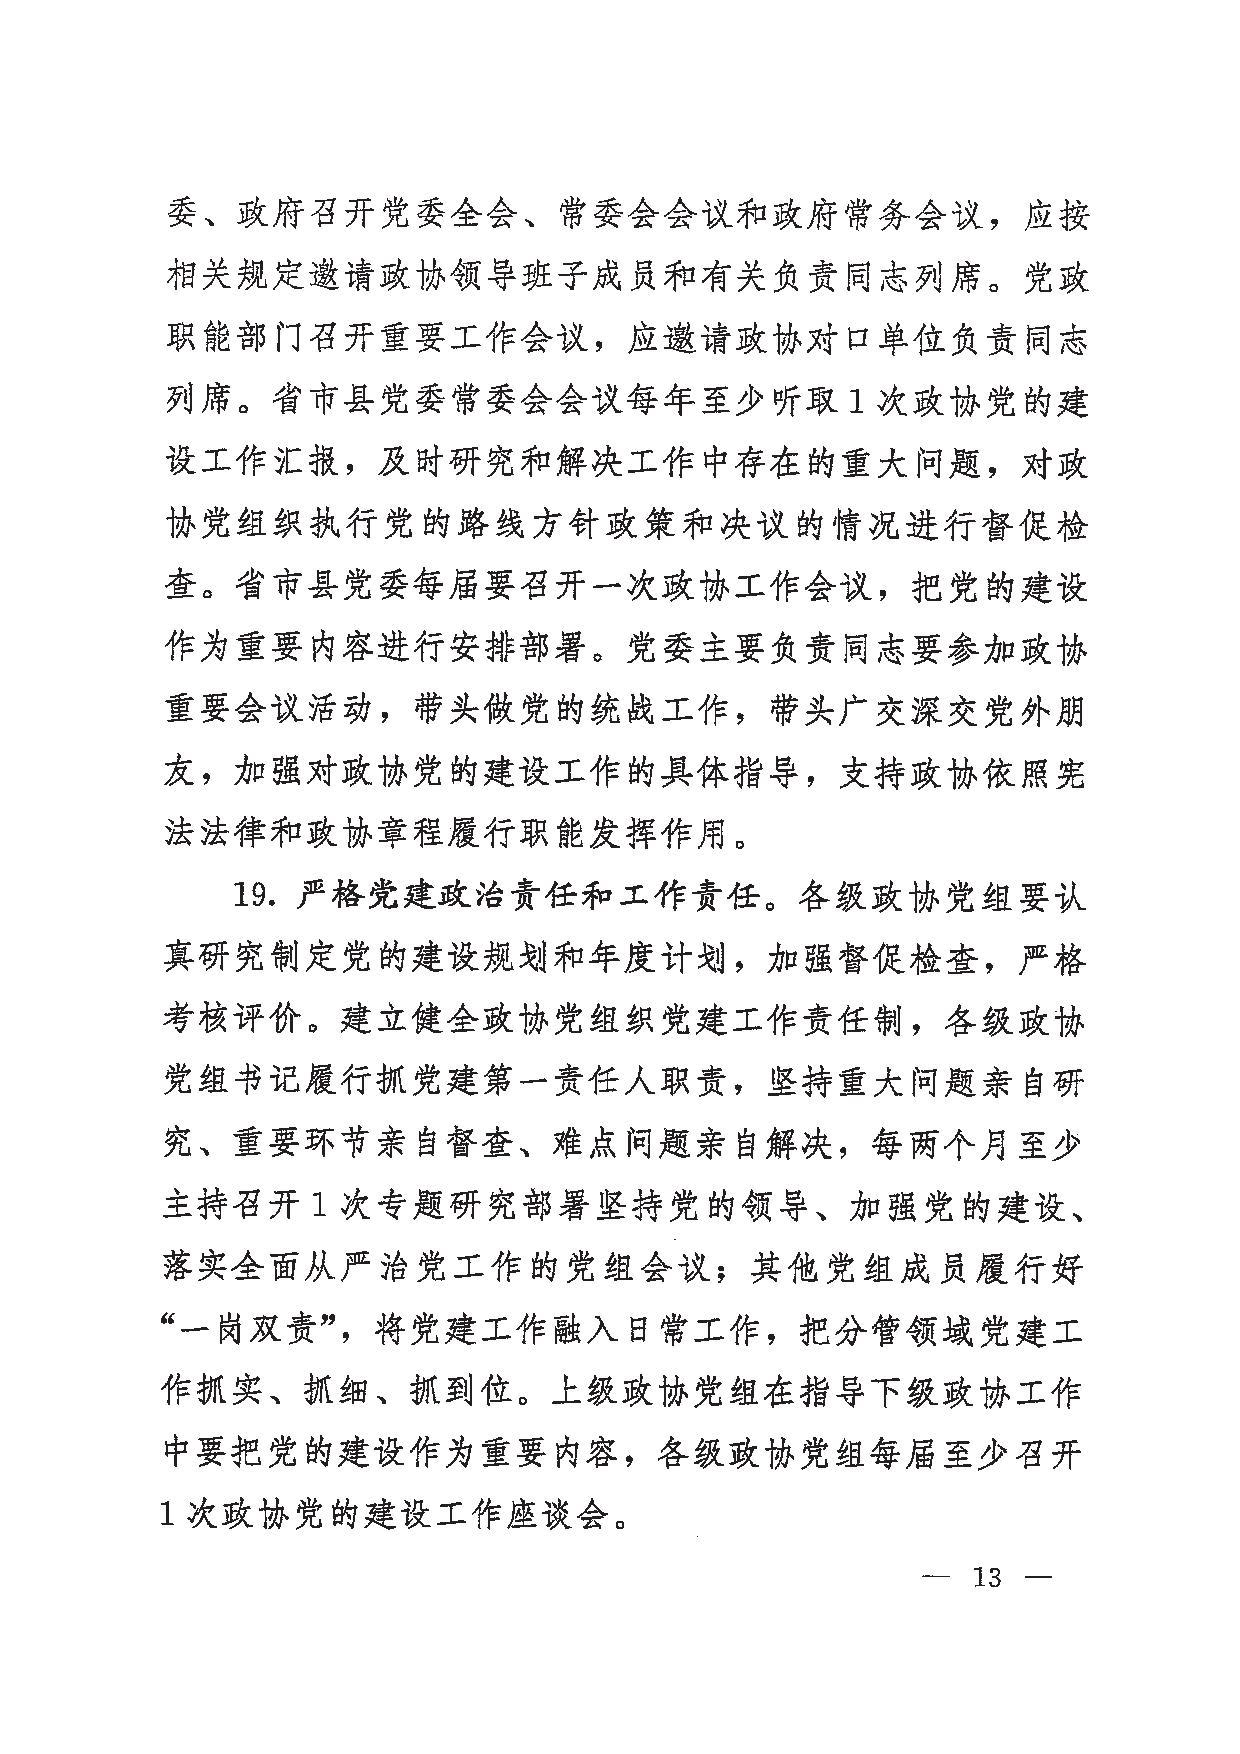 河北省委关于加强新时代人民政协党的建设工作的实施意见-13.jpg